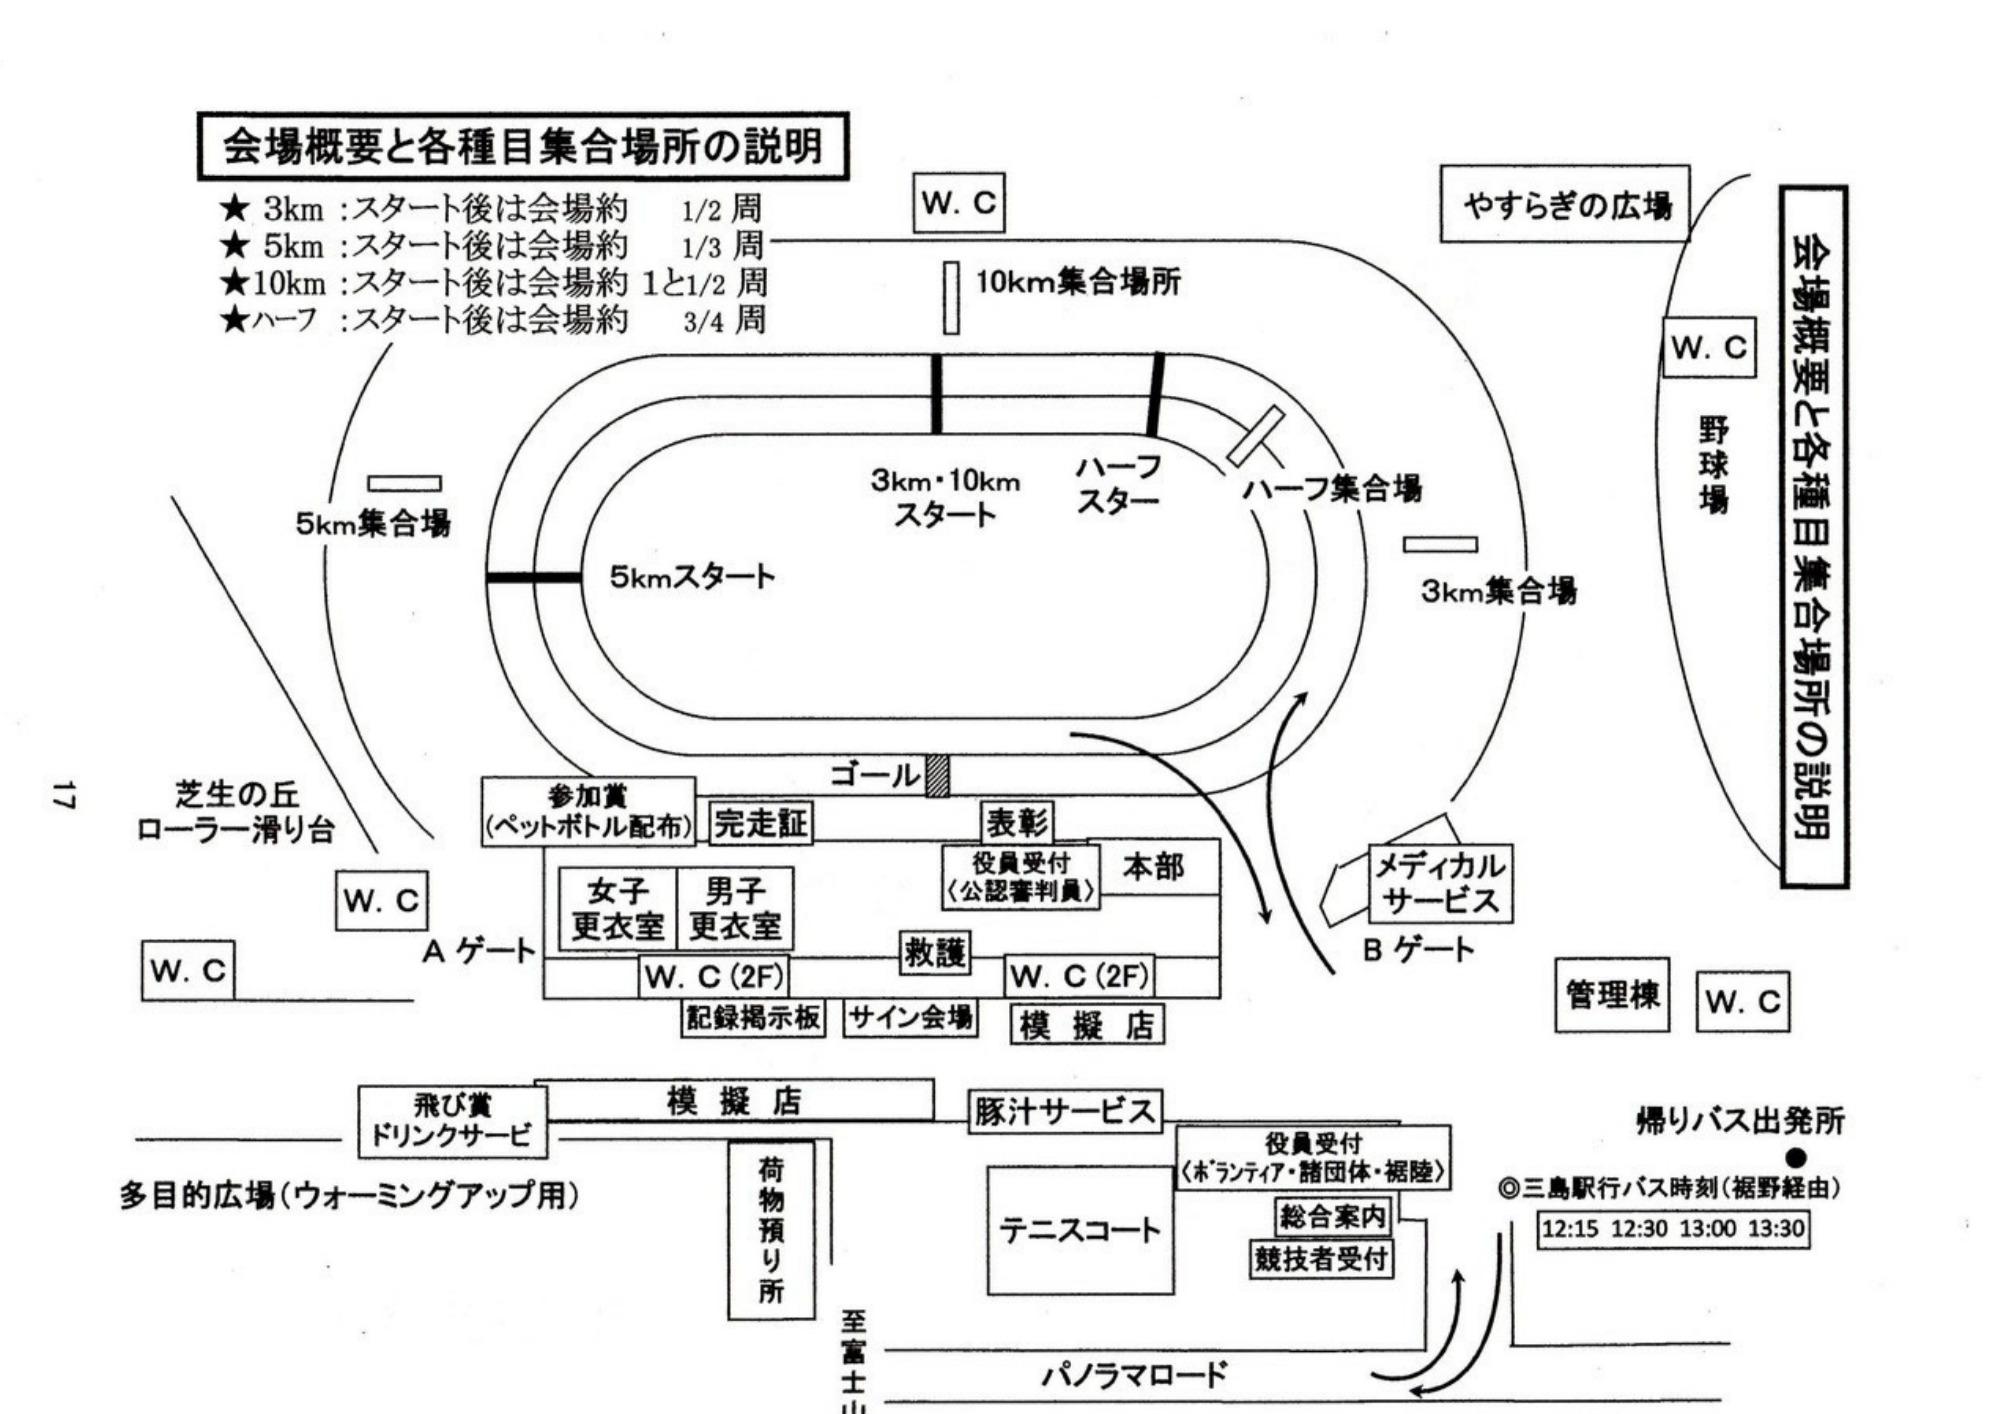 富士裾野高原マラソン会場アクセスマップ